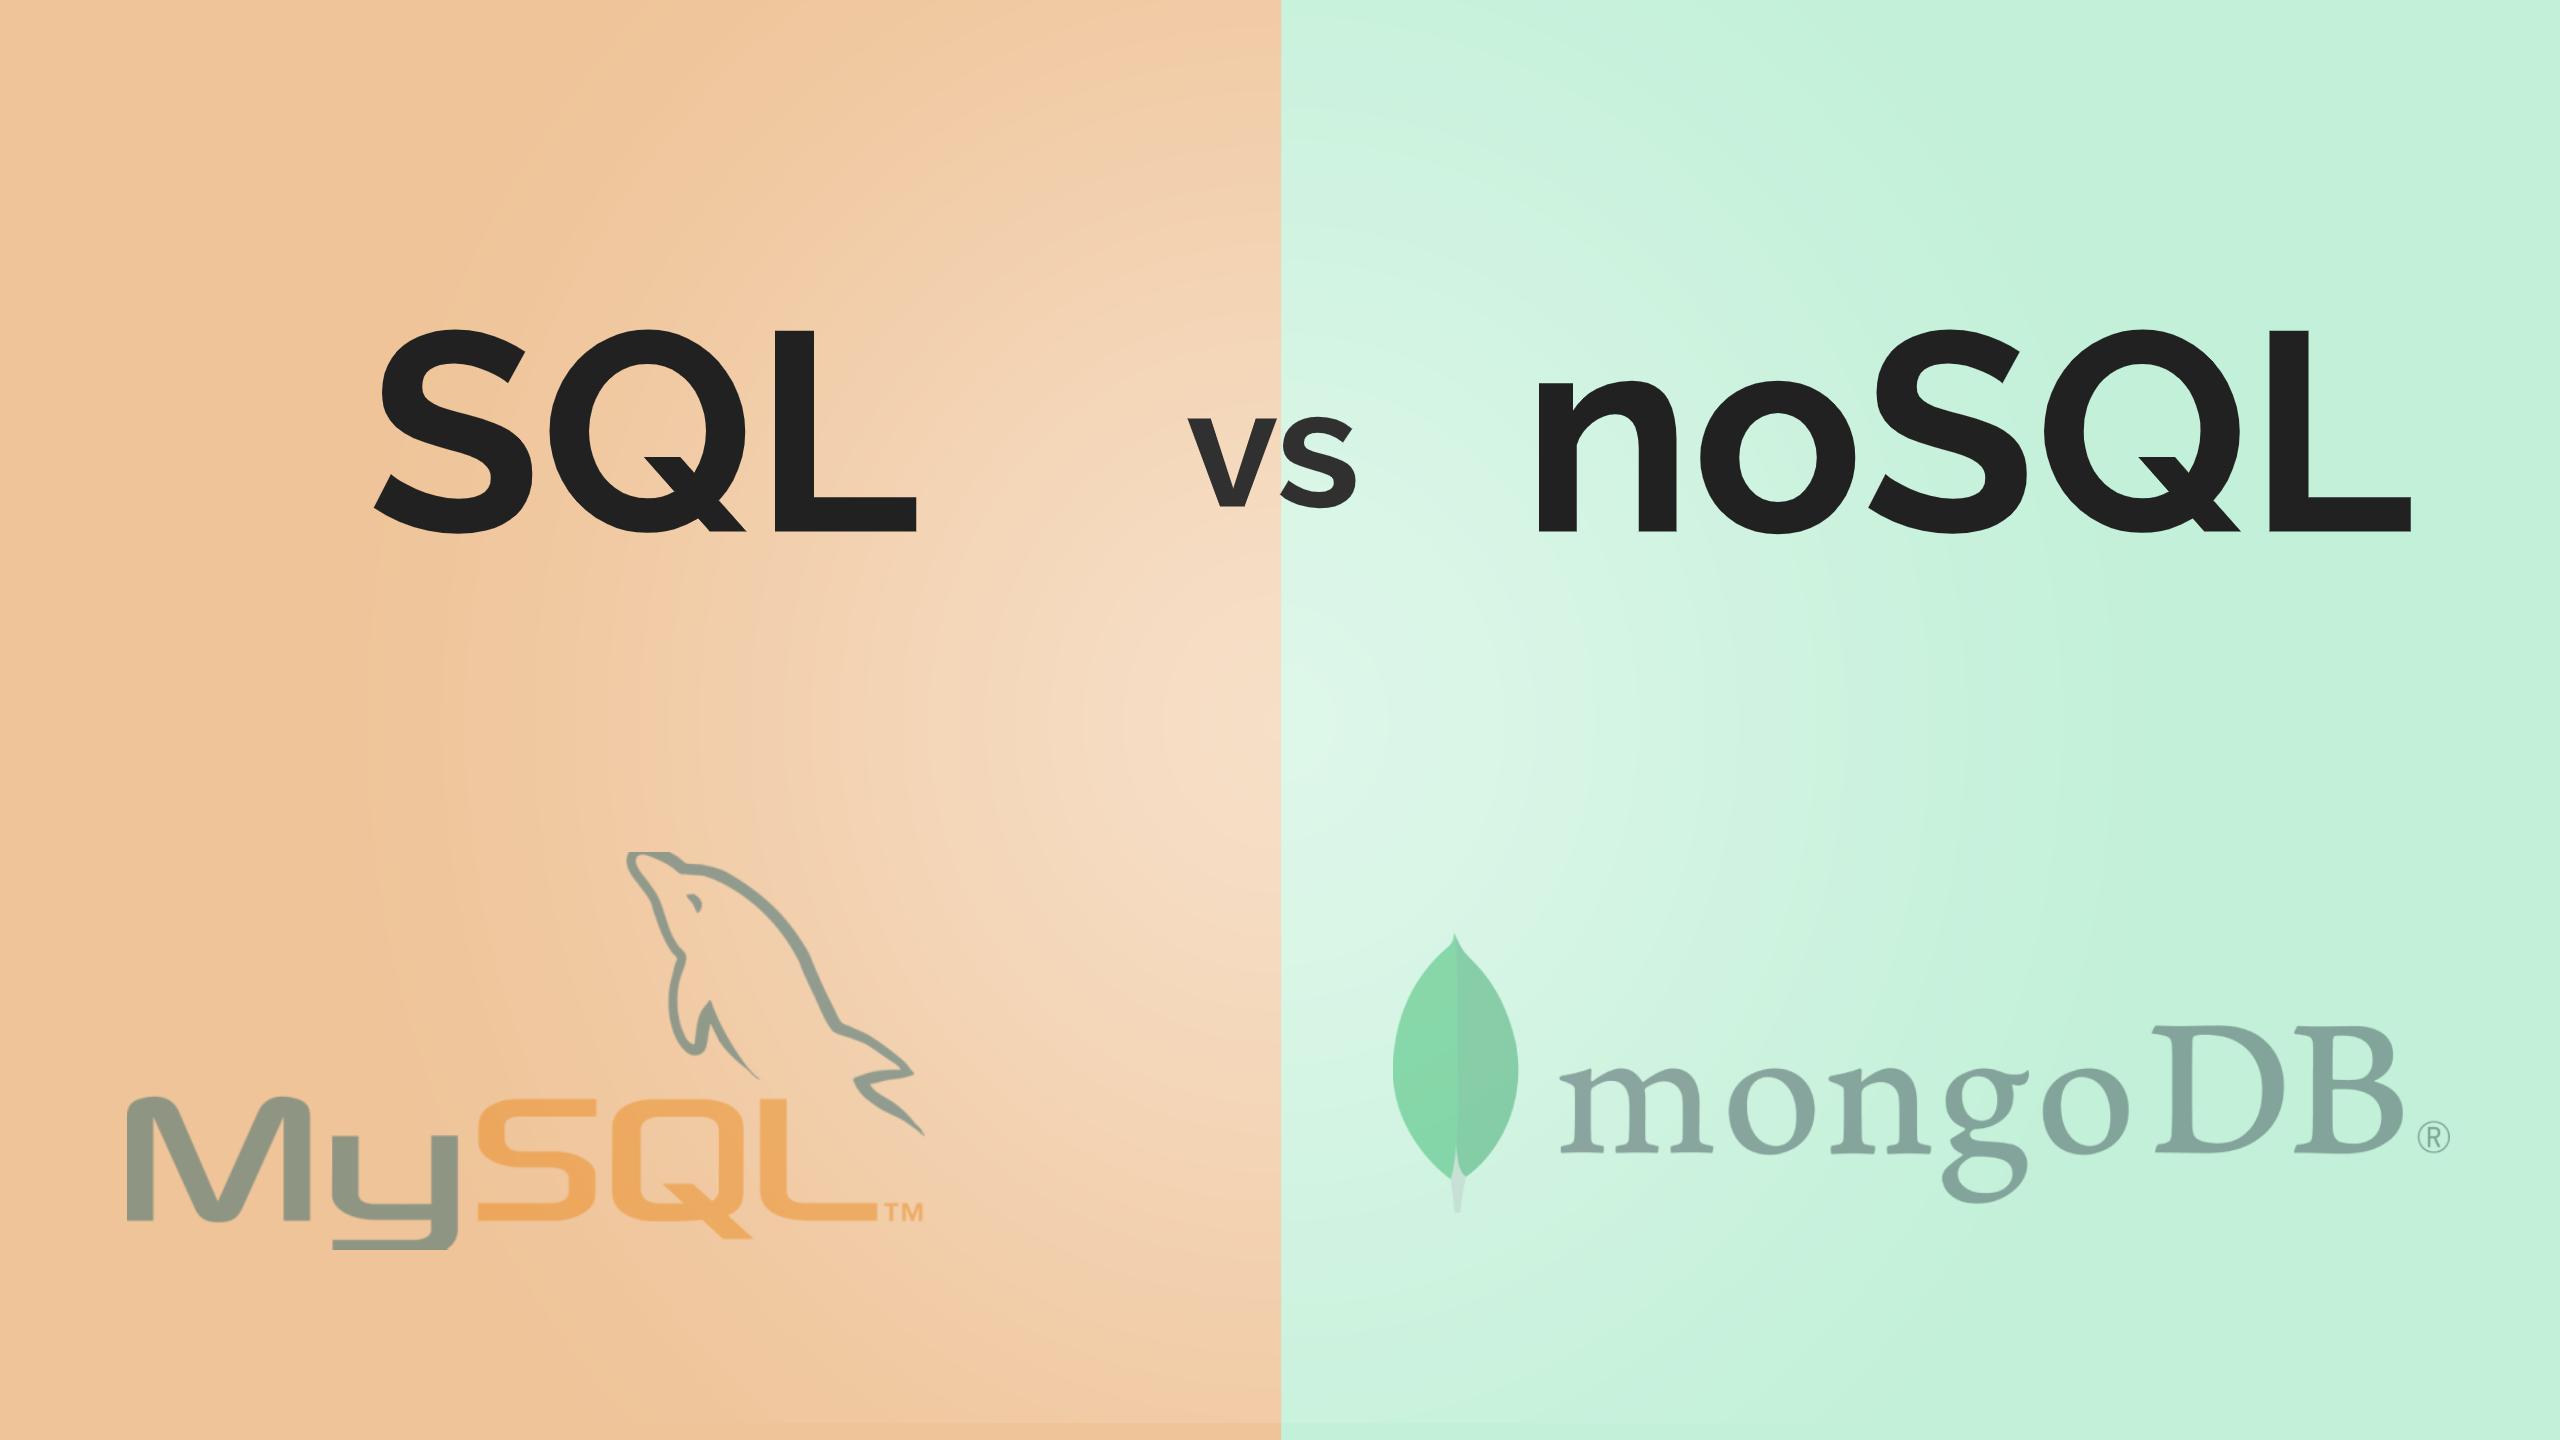 sql vs nosql - SQL vs noSQL | MySQL vs MongoDB - różnice